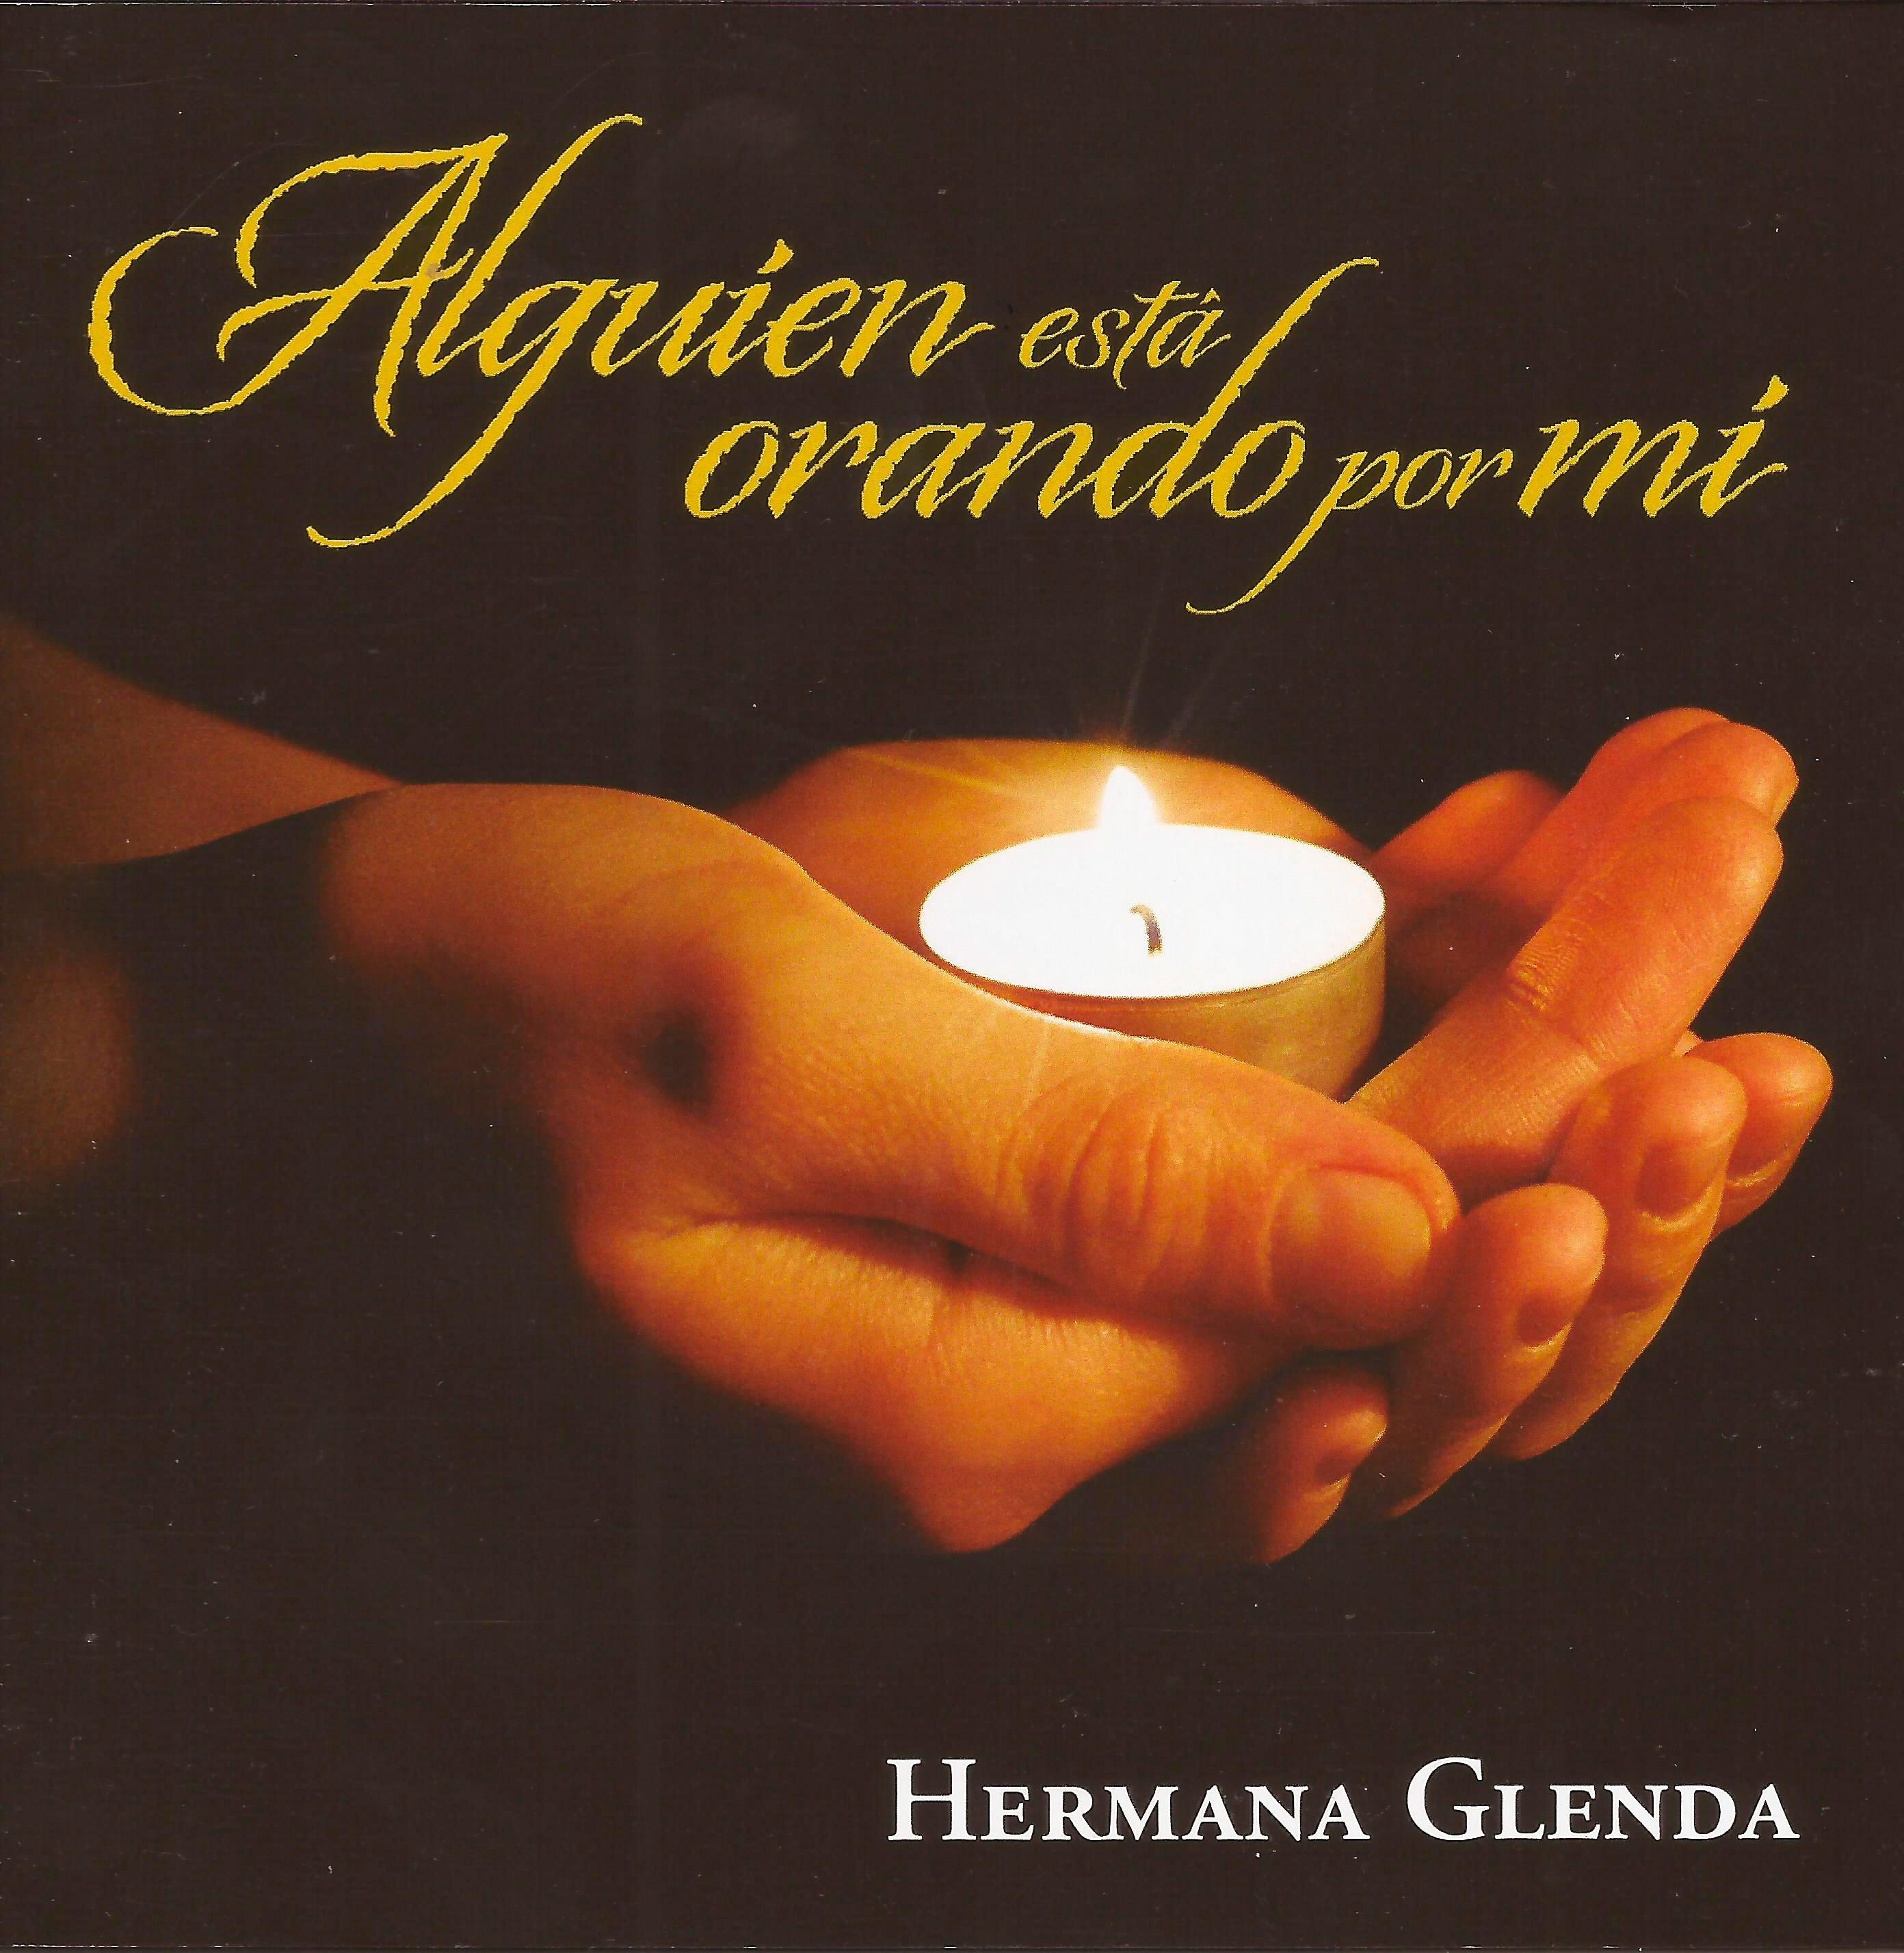 Hermana Glenda - ¡Me Amó y se entregó por mí! - Orar con San Pablo